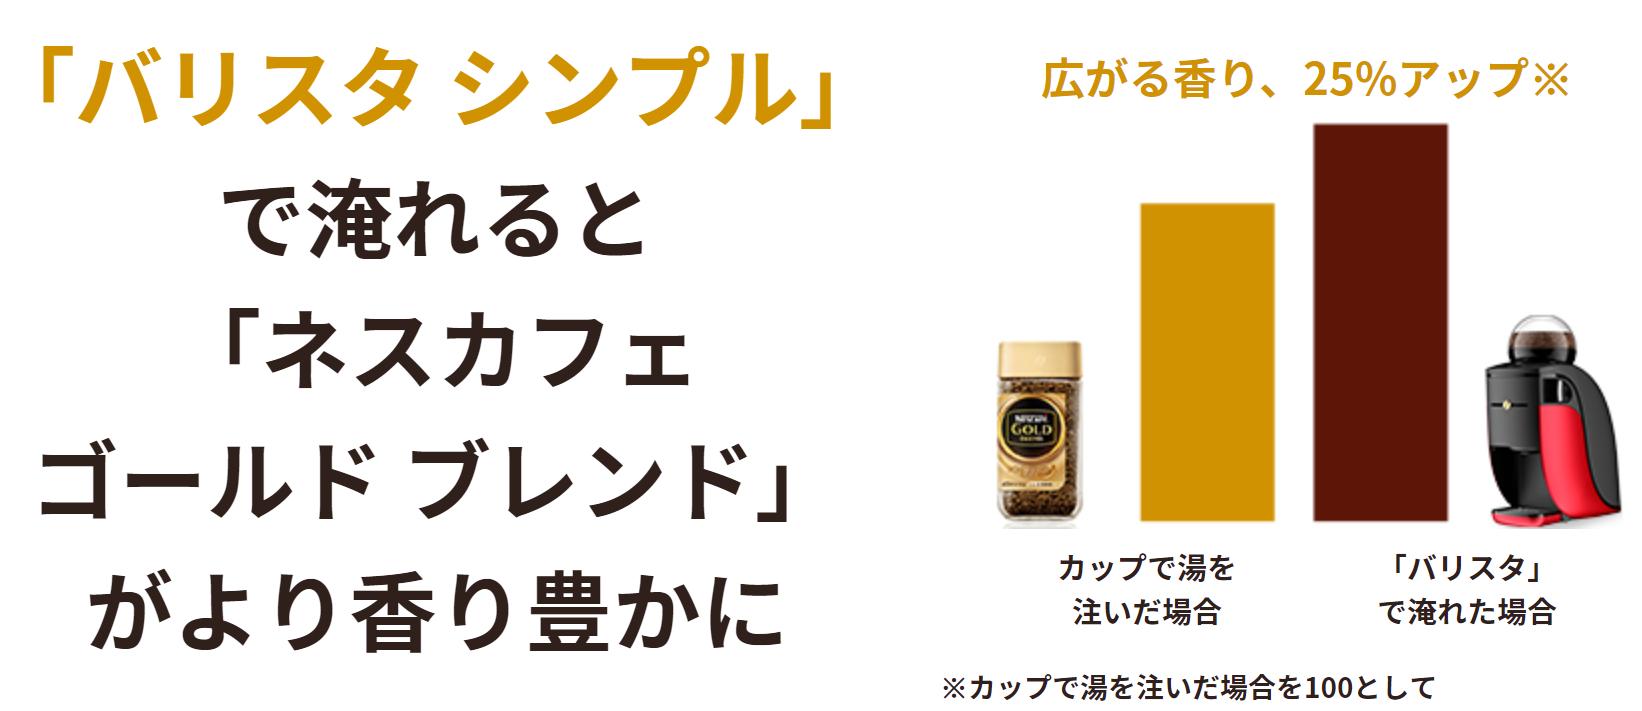 コーヒーの香りが25%アップ